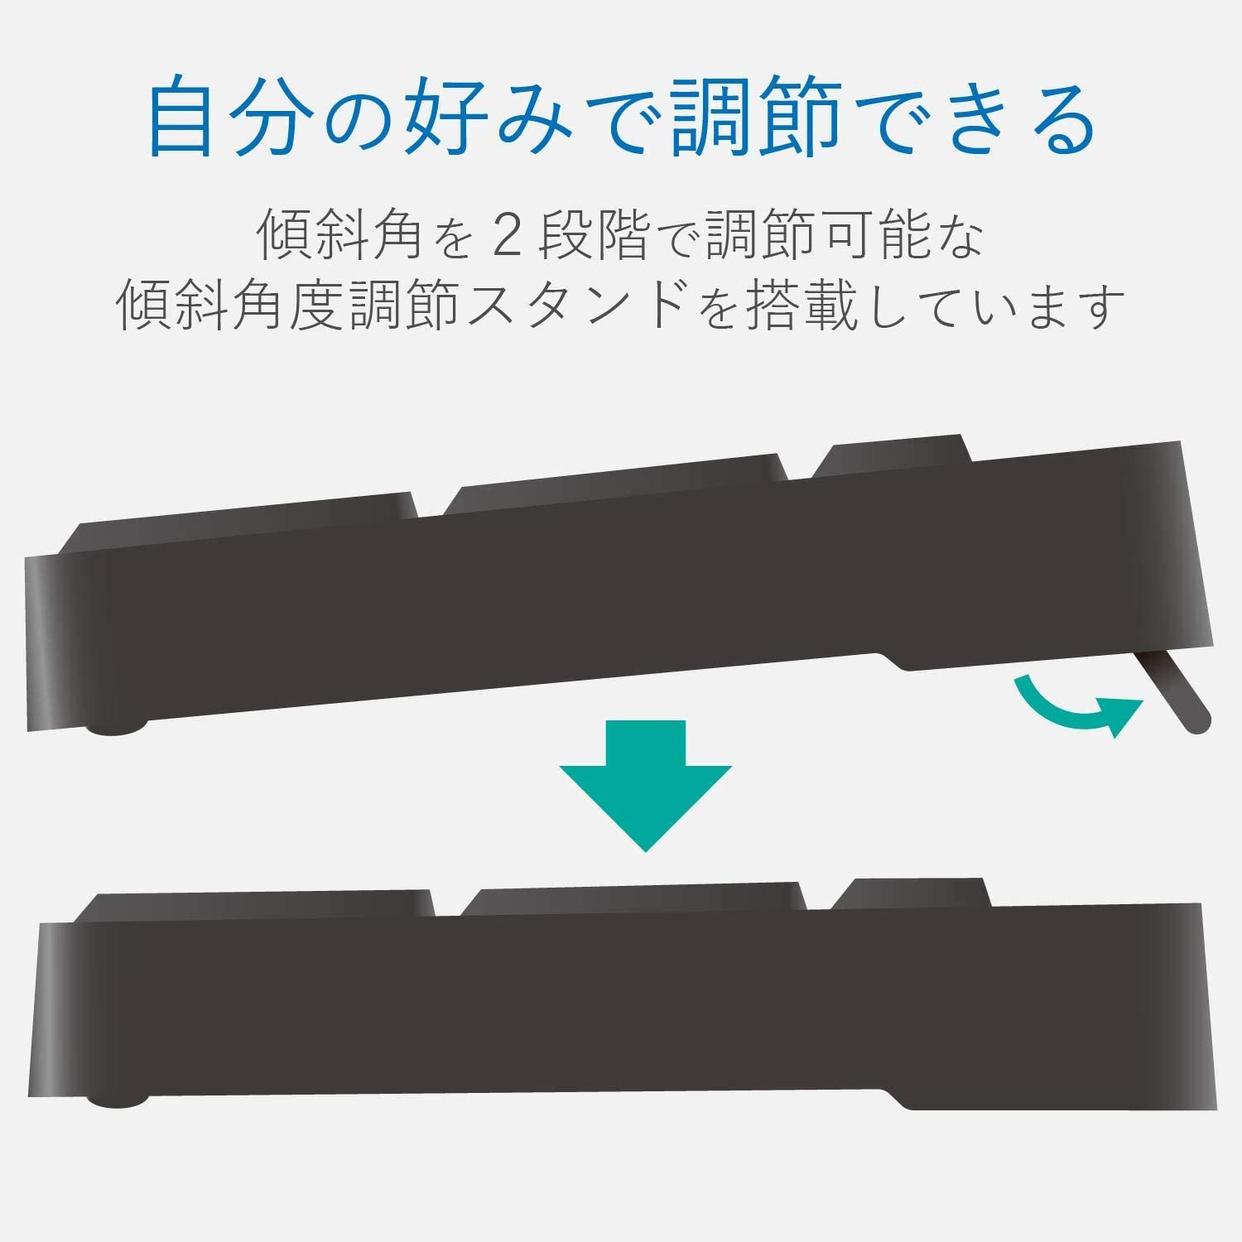 ELECOM(エレコム) ワイヤレスフルキーボード&マウス TK-FDM063BKの商品画像5